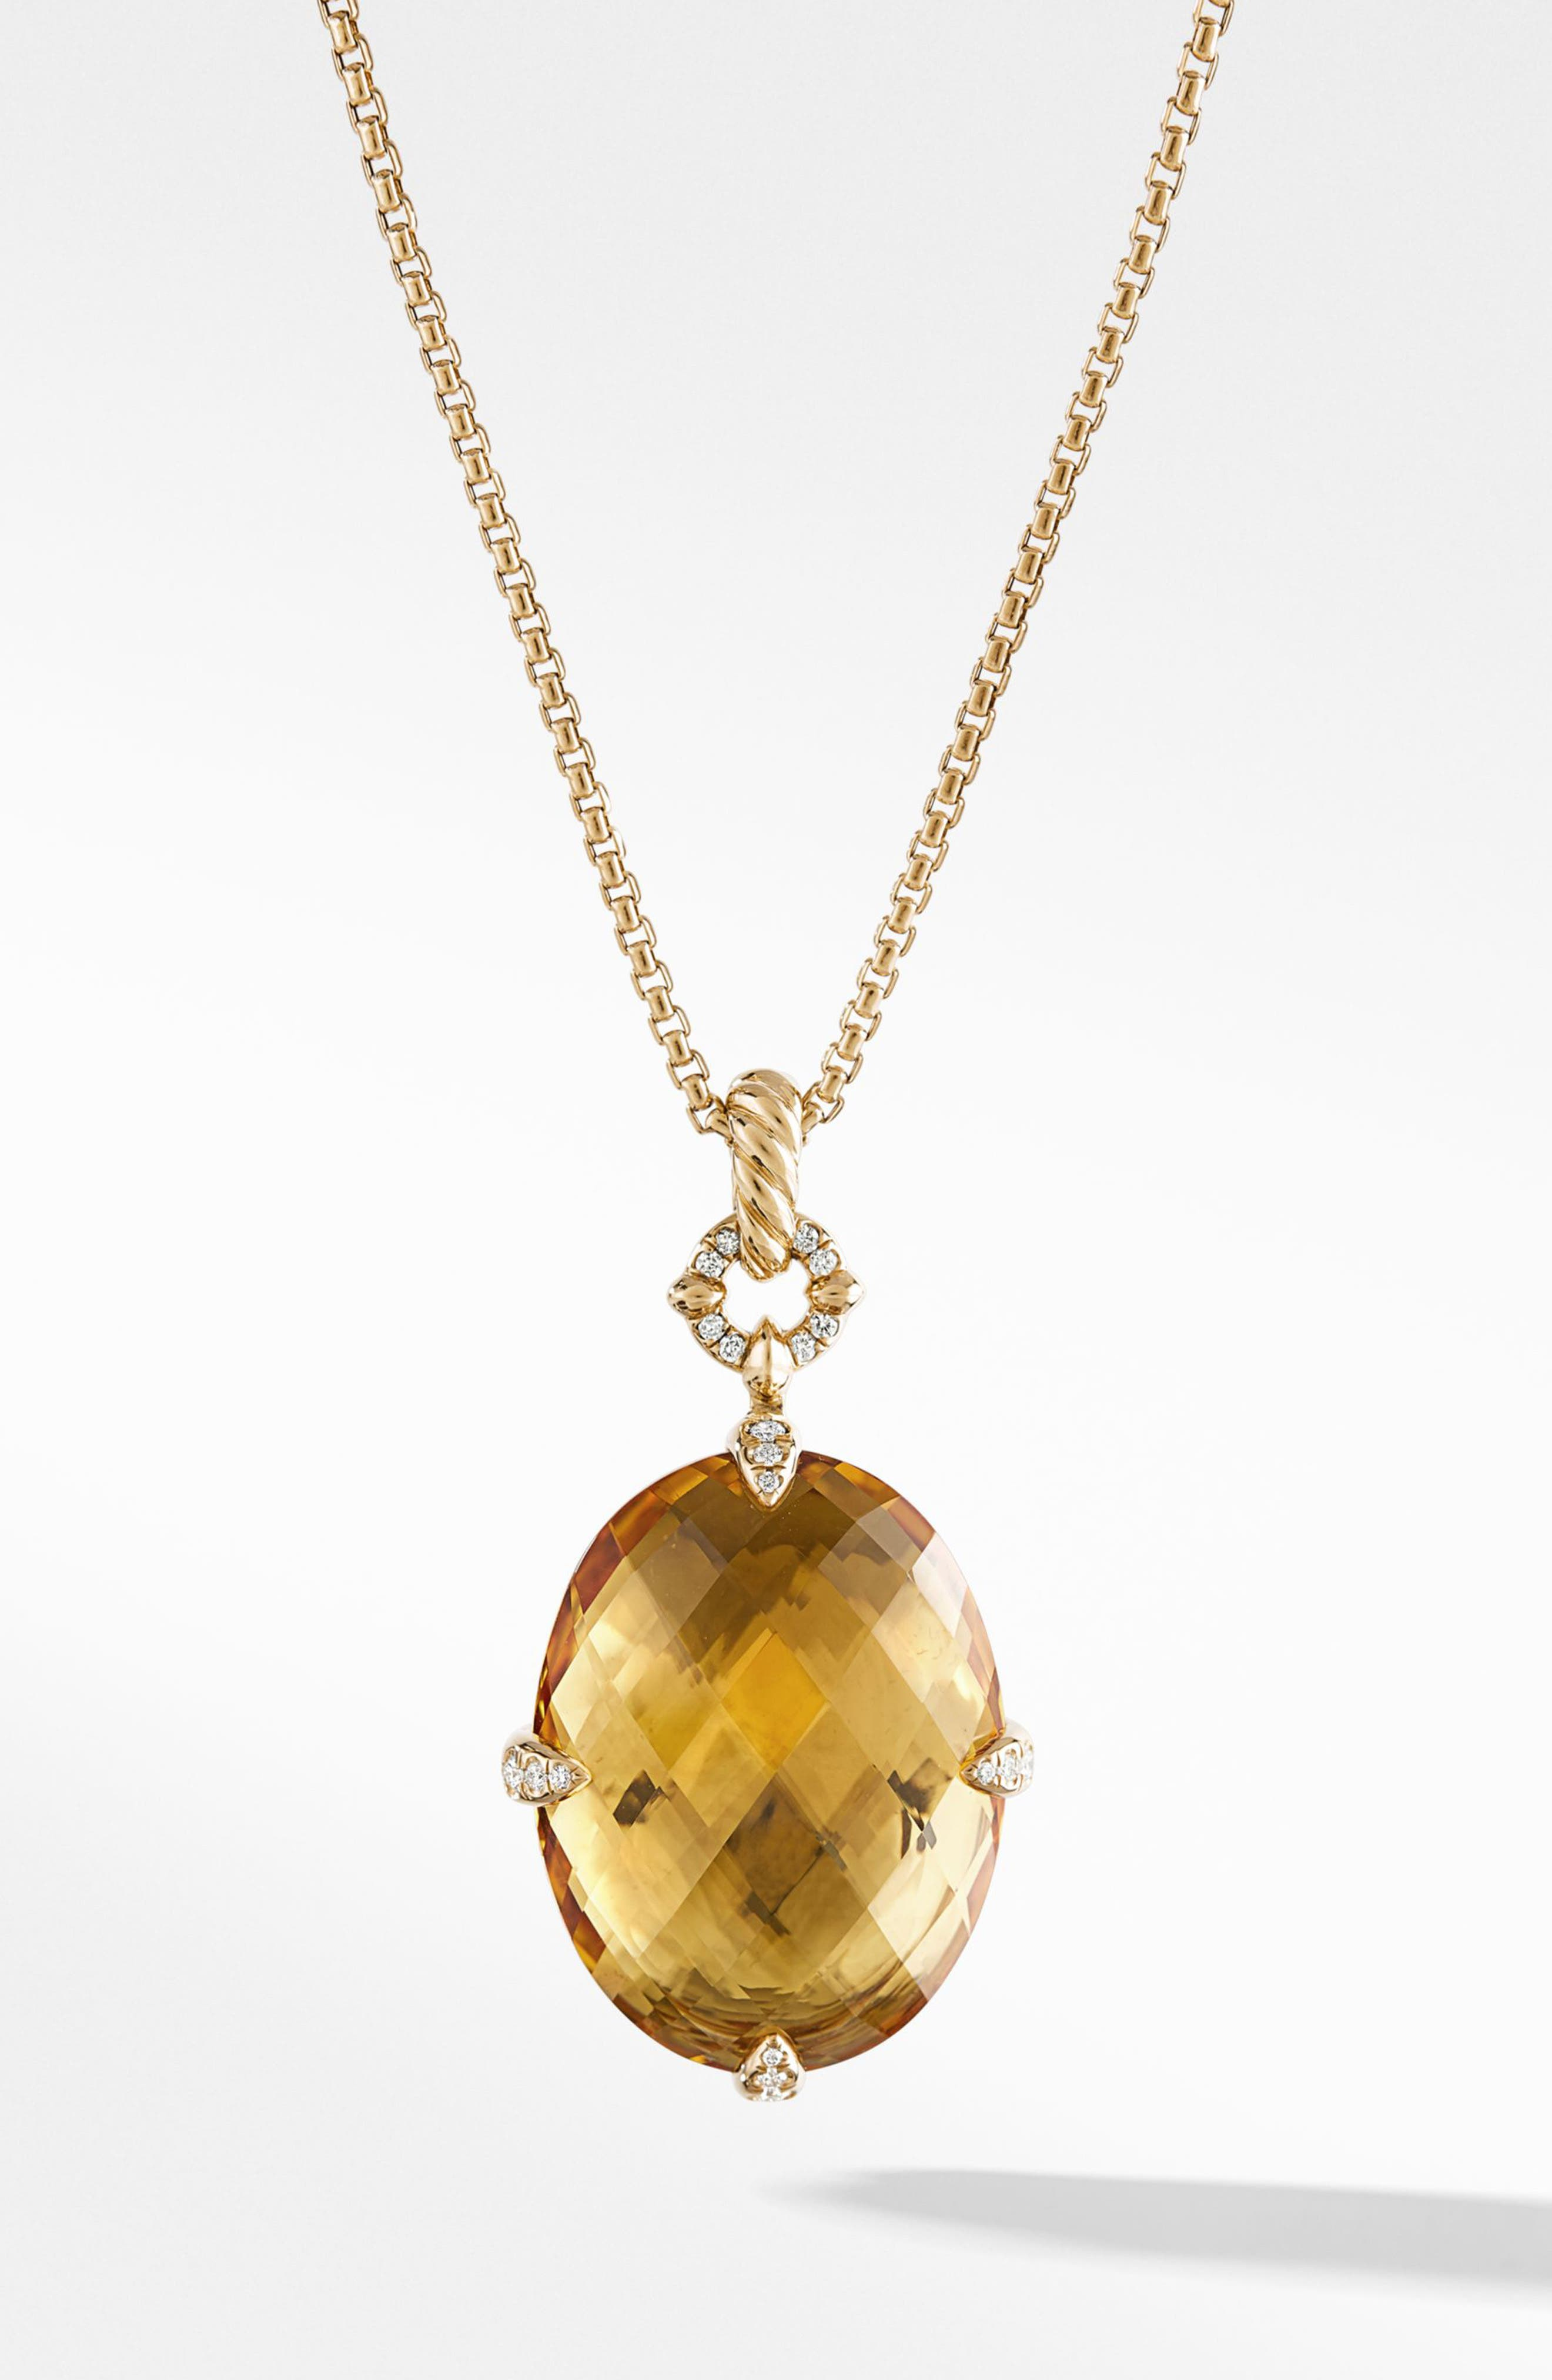 Chatelaine<sup>®</sup> 18k Gold Pendant Necklace with Honey Quartz & Diamonds,                         Main,                         color, GOLD/ DIAMOND/ HONEY QUARTZ